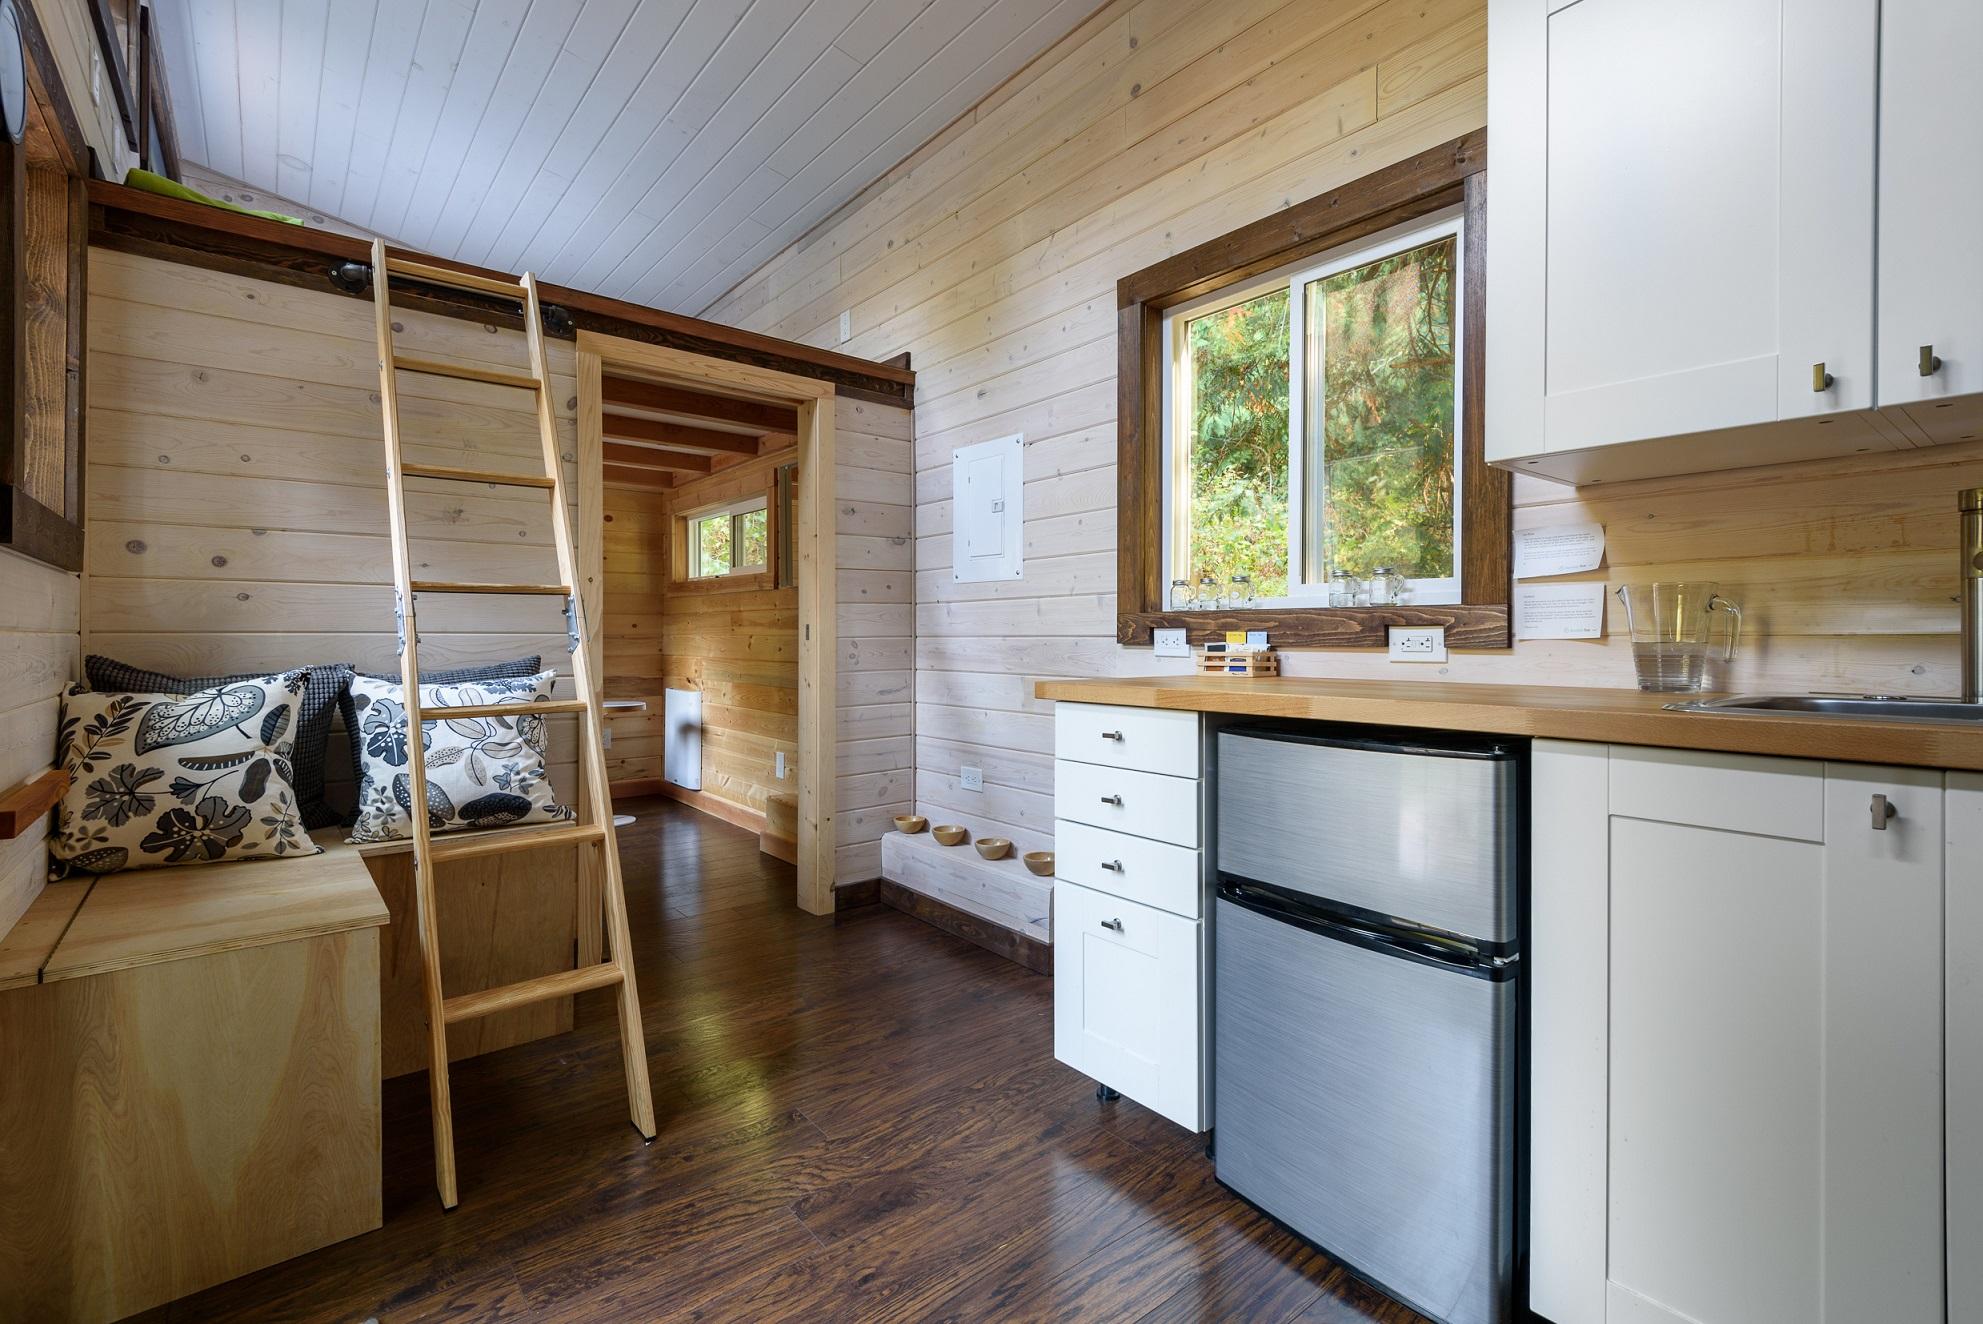 Come Arredare Piccole Case arredare case piccole: nuove idee salvaspazio! - gruppo